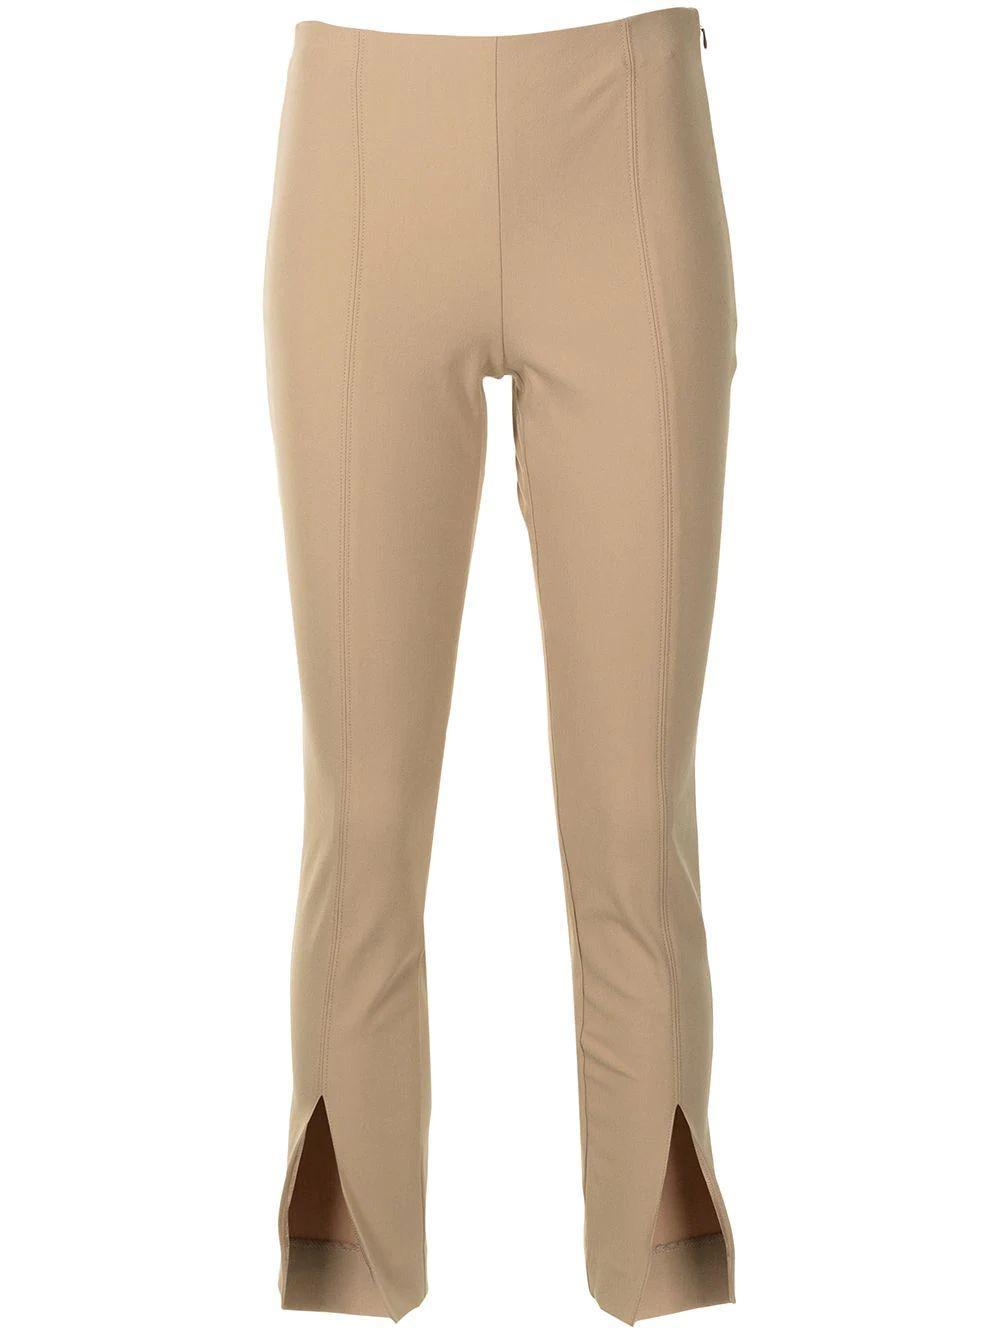 Slit Front Side Zip Pant Item # L0204211